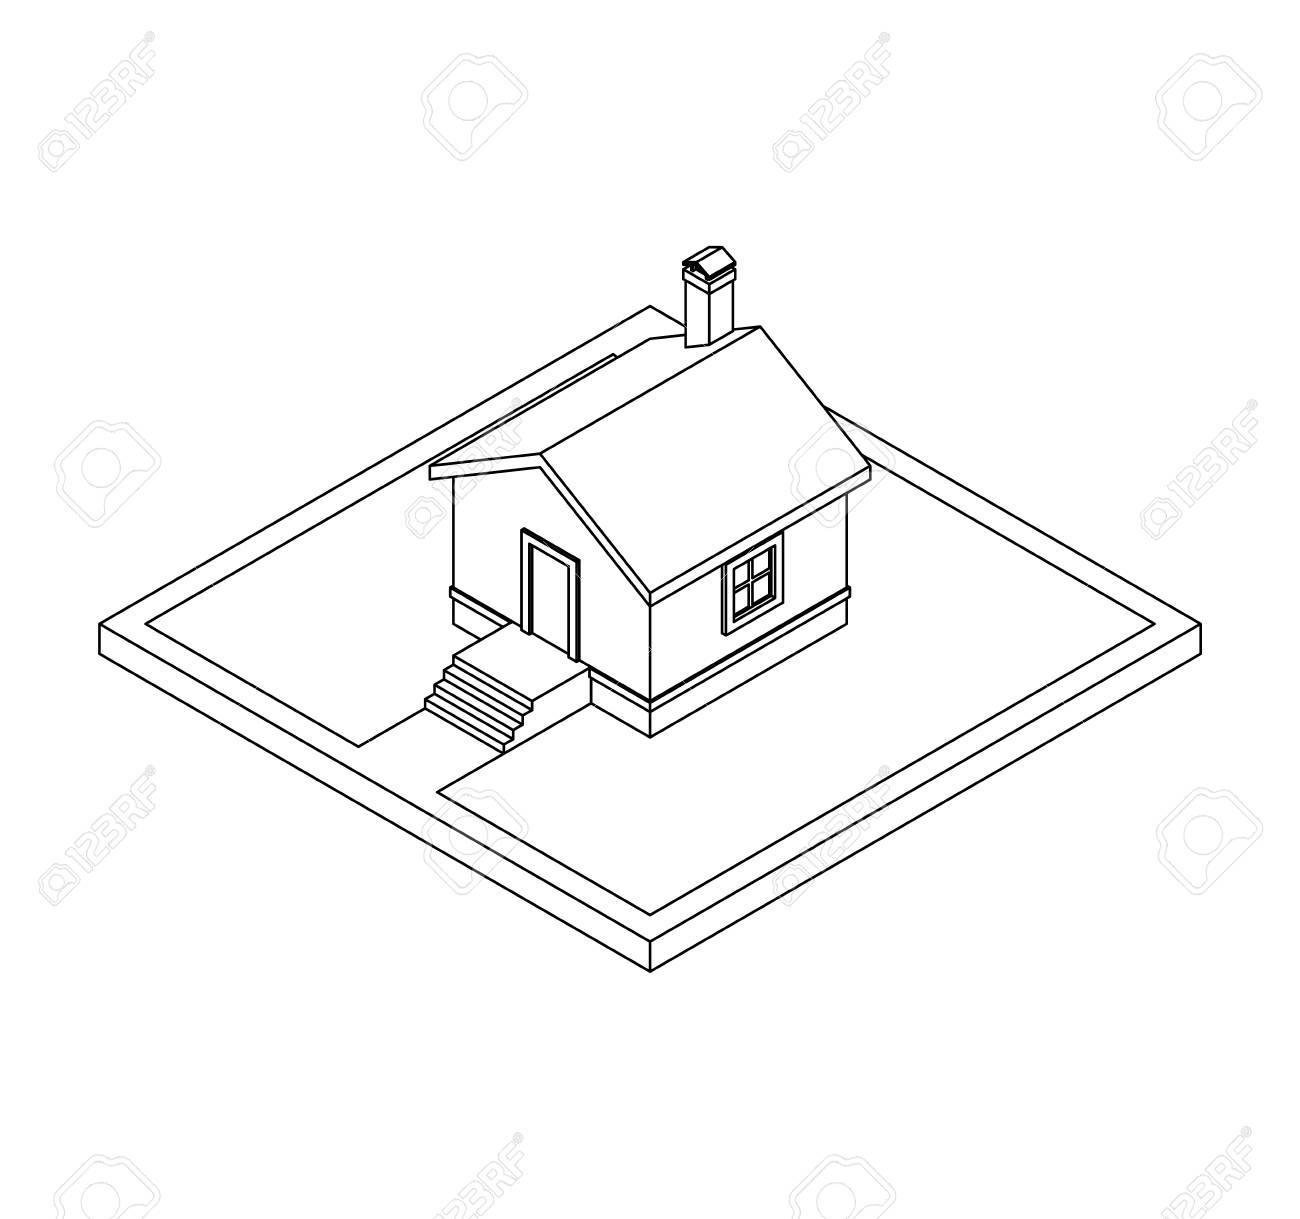 Dibujo 3d De La Casa Privada Ilustración Vectorial Para Colorear Libro Ilustraciones Vectoriales Clip Art Vectorizado Libre De Derechos Image 69672759